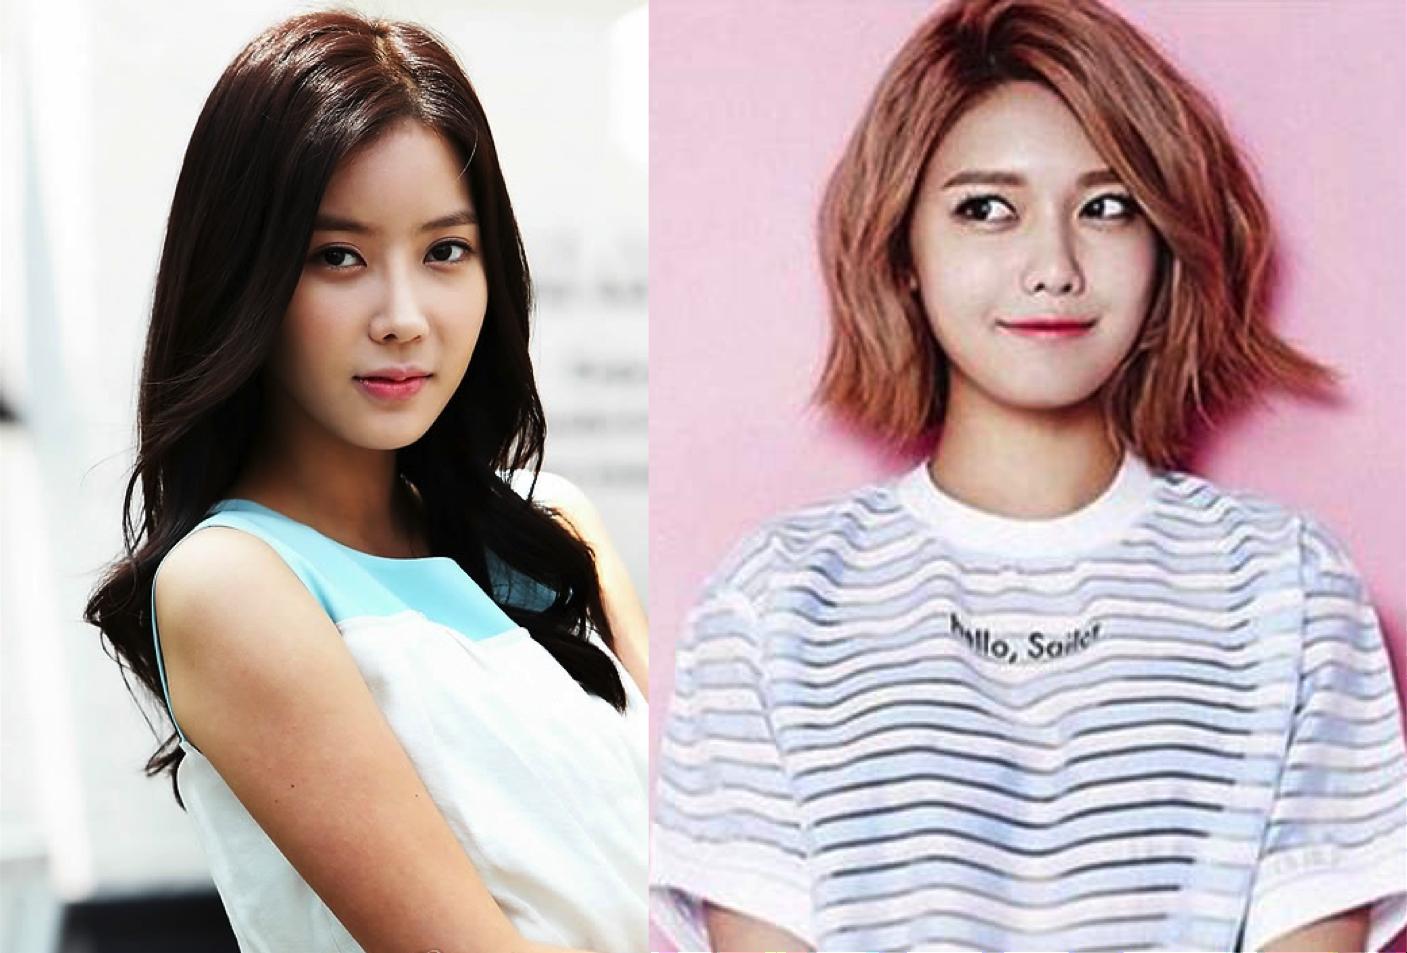 Im Soo Hyang Coordinates School Schedule With Her Bestie Sooyoung